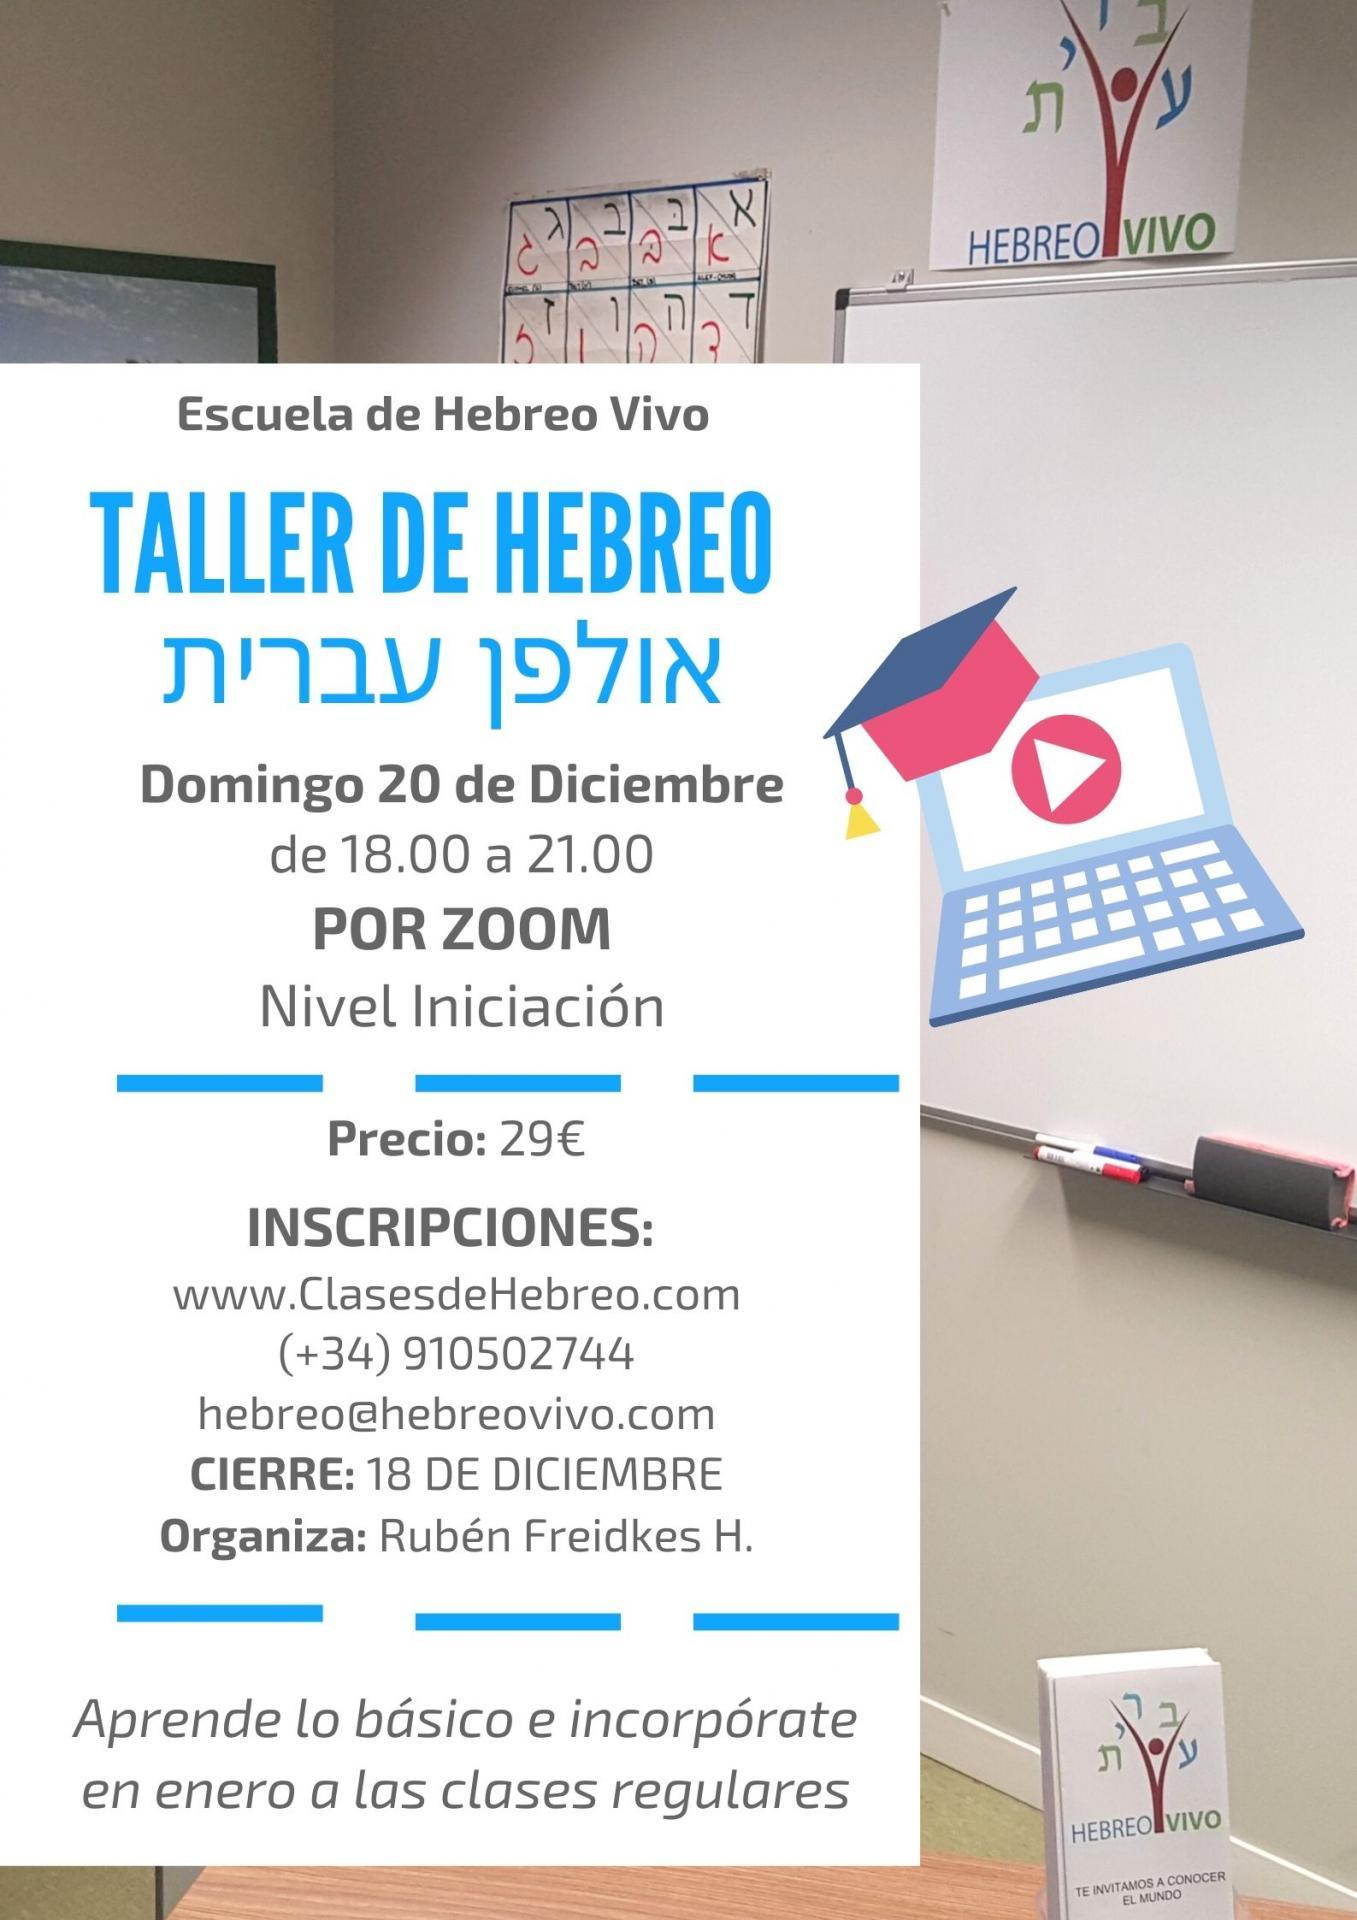 TALLERES DE HEBREO